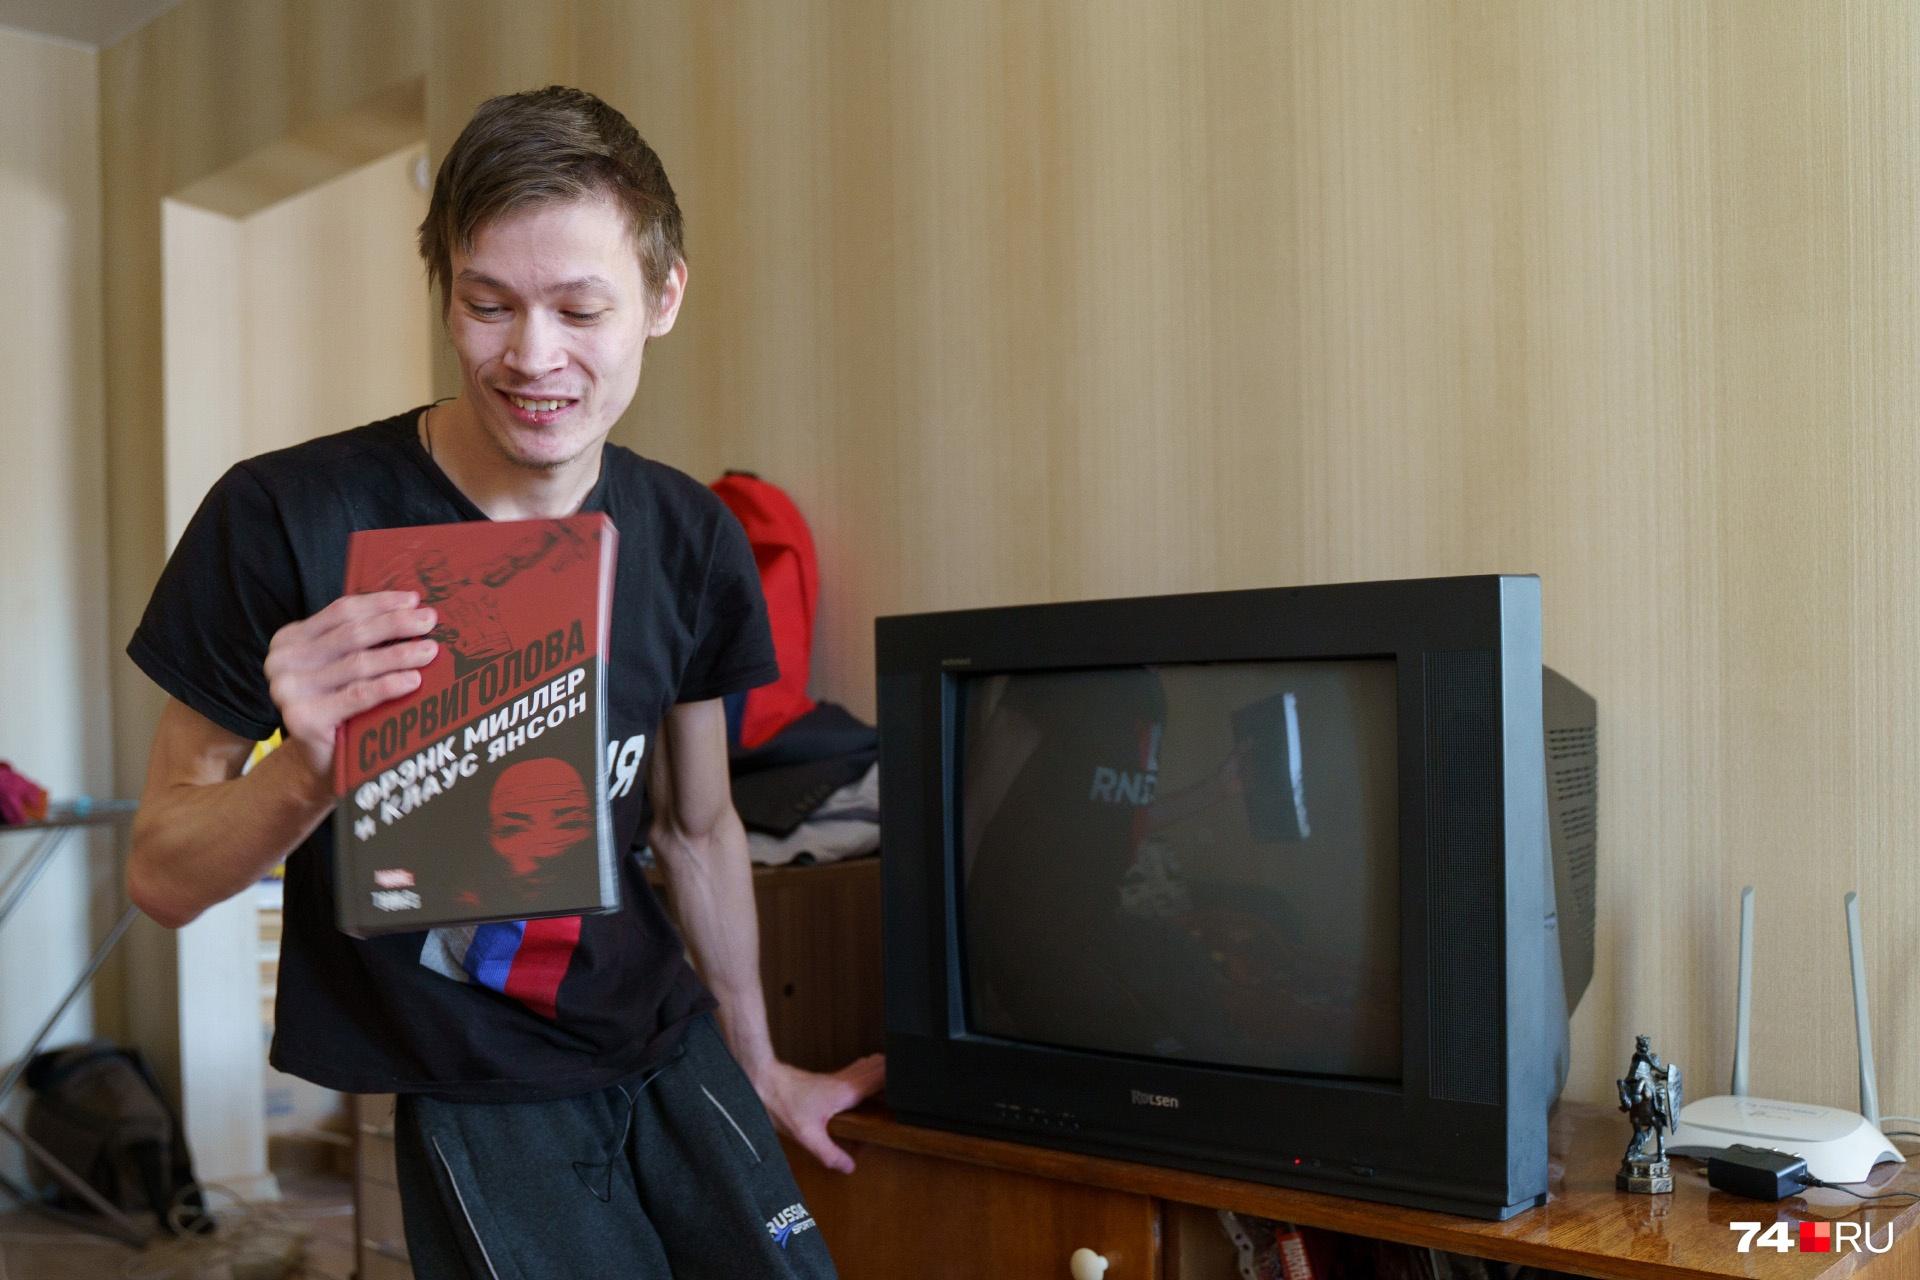 Олег коллекционирует комиксы с супергероями. Его любимый персонаж — Сорвиголова (он тоже инвалид, но при этом совершает подвиги)